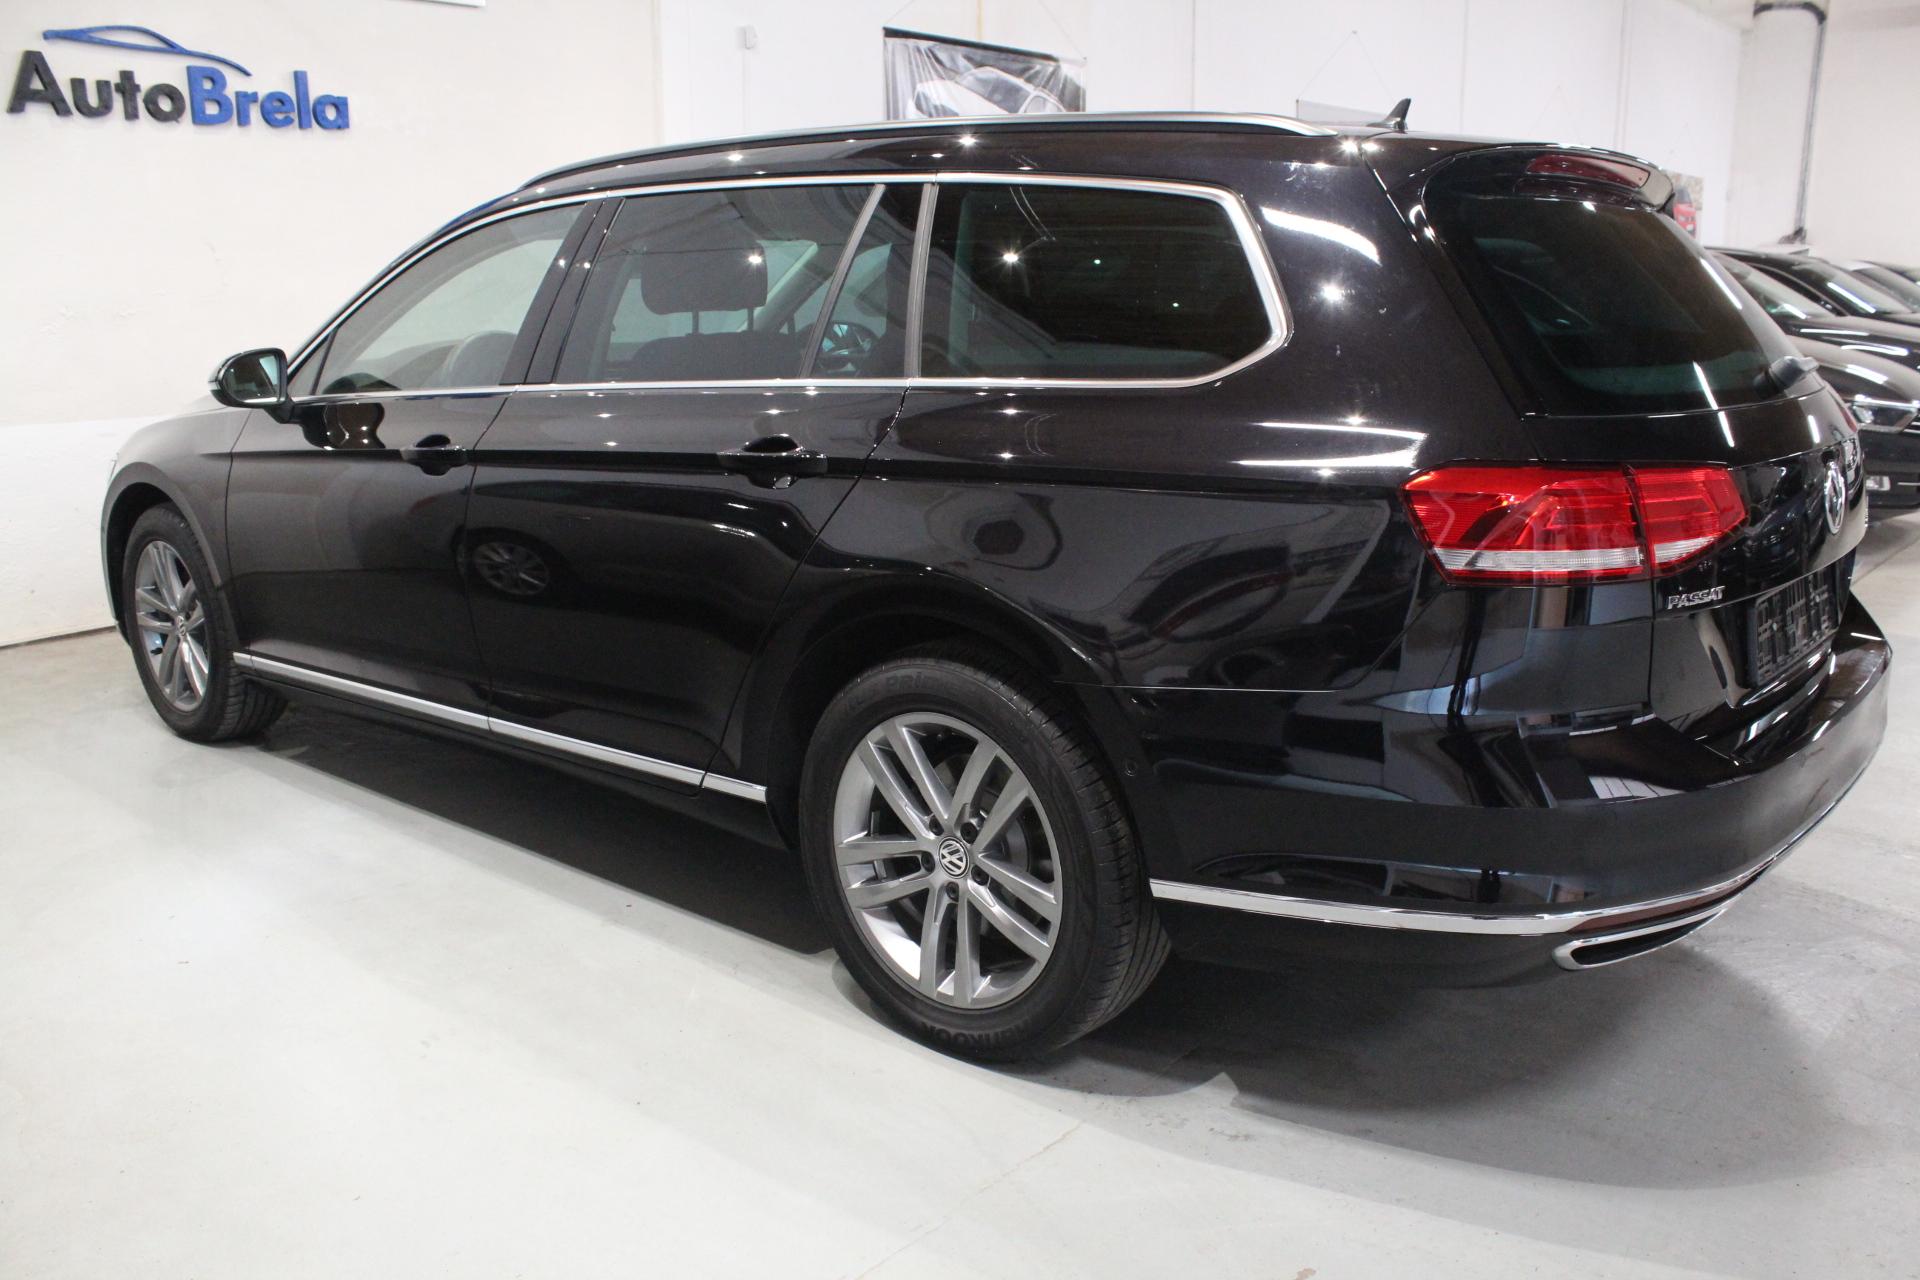 VW Passat B8 2.0 TDI DSG 140kW Highline FULL LED Active Info display 12″ Head-Up Display - AutoBrela obrázek